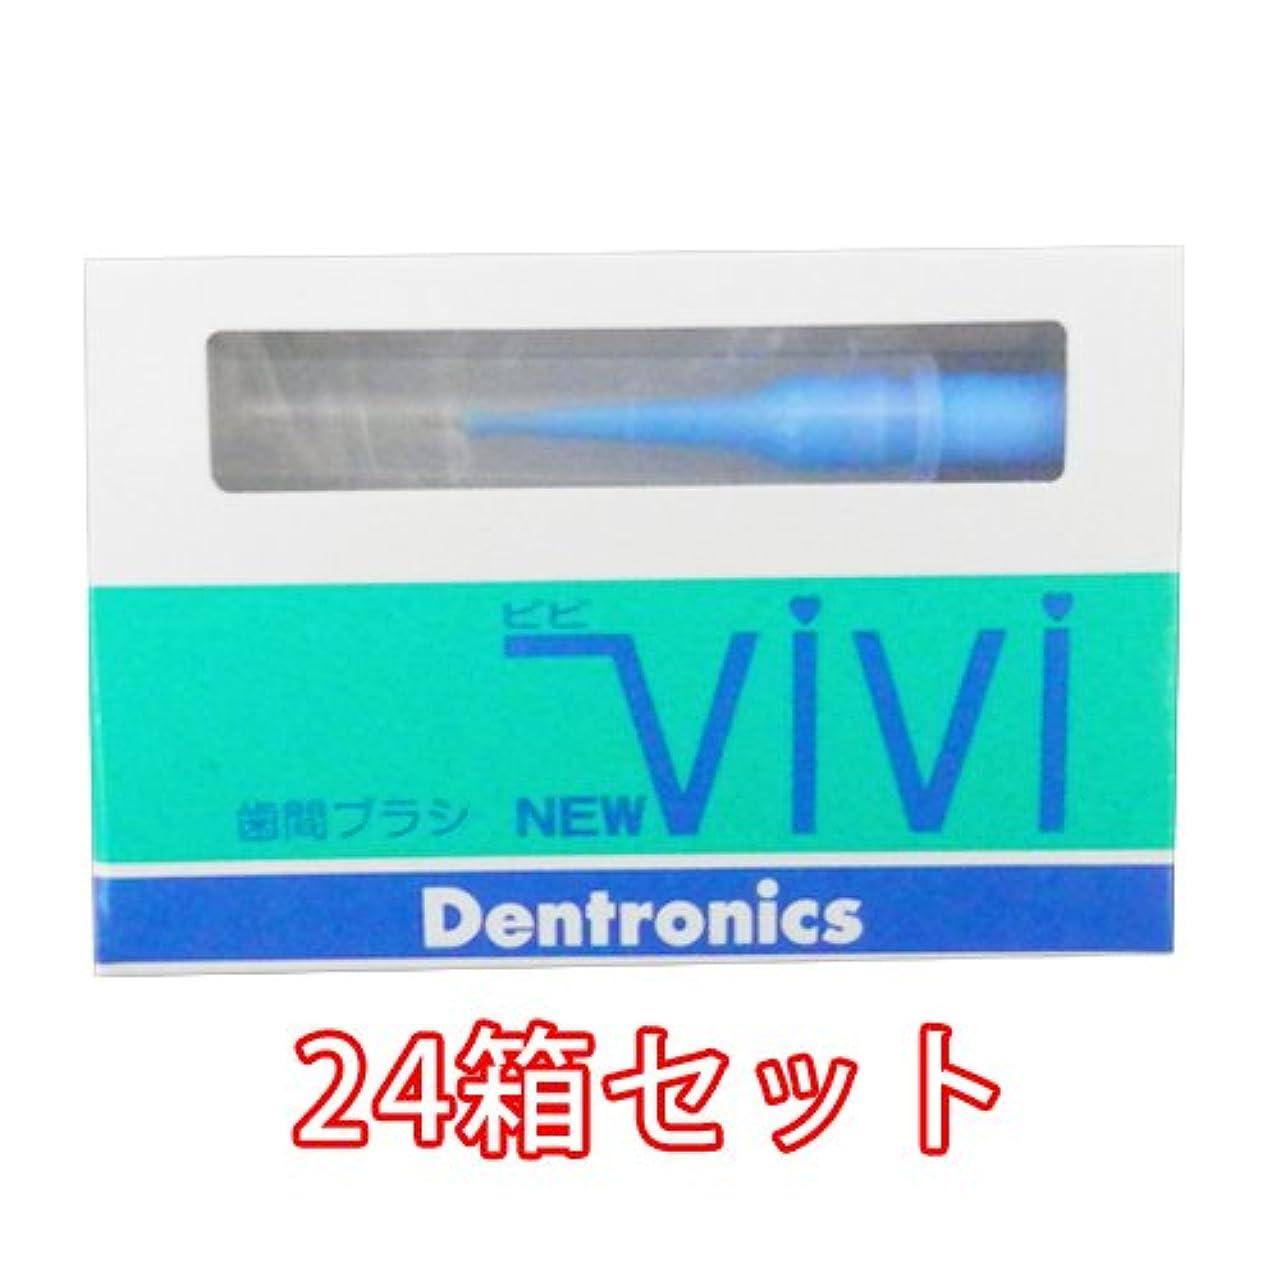 ガロン深さ憧れデントロニクス NEWViVi ニュービビ 3本入 × 24パック ブルー